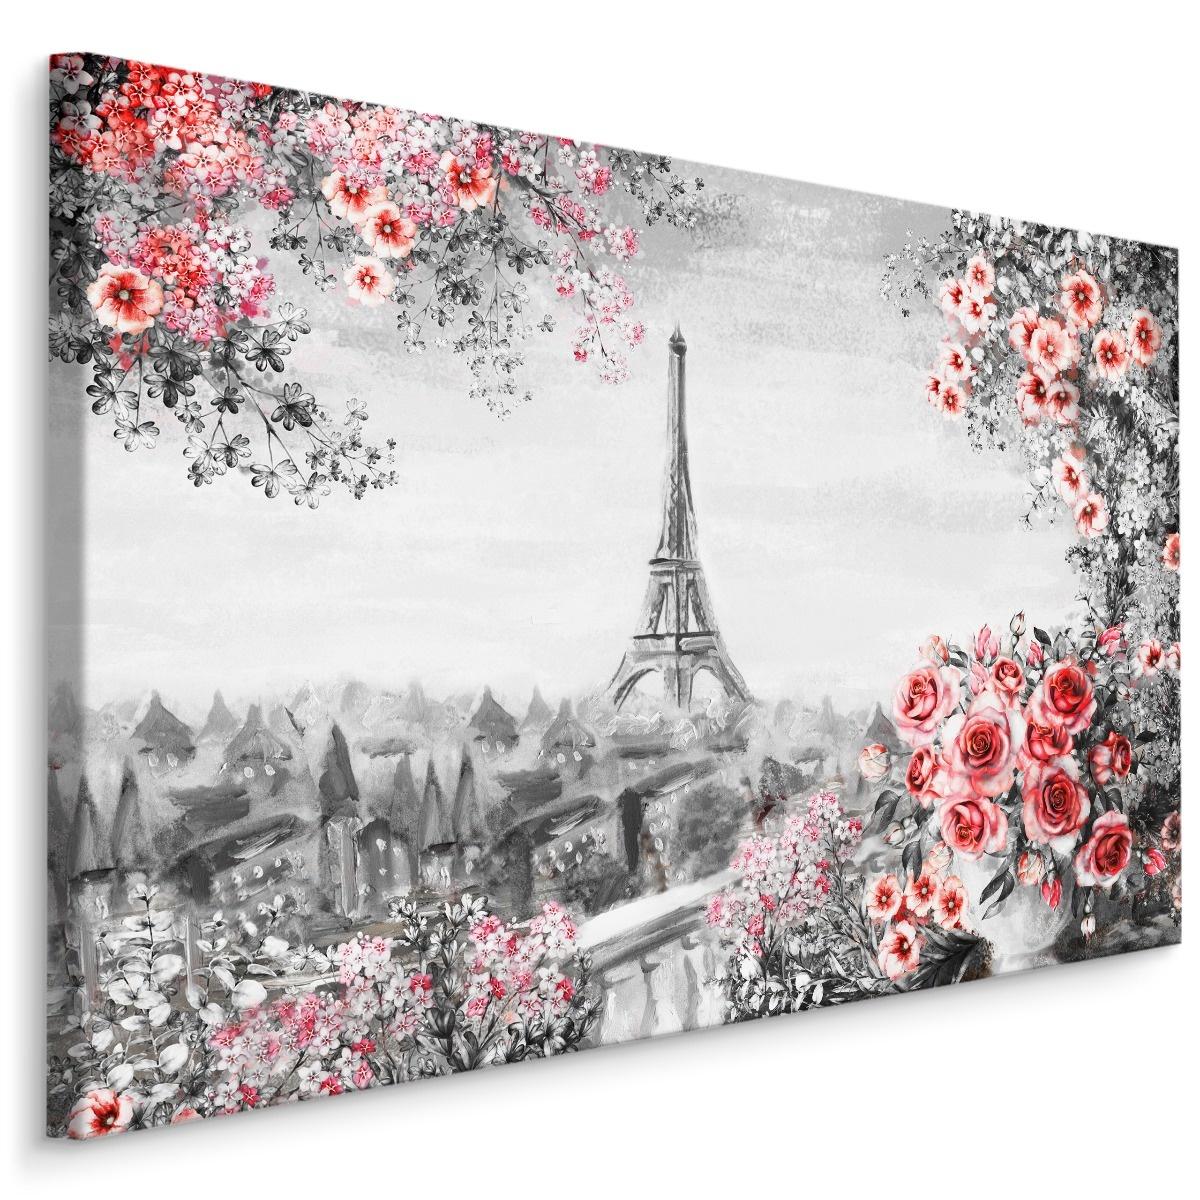 Schilderij - Prachtig uitzicht op de Eiffeltoren, Parijs II (Print op canvas), zwart-wit/roze, 4 mat